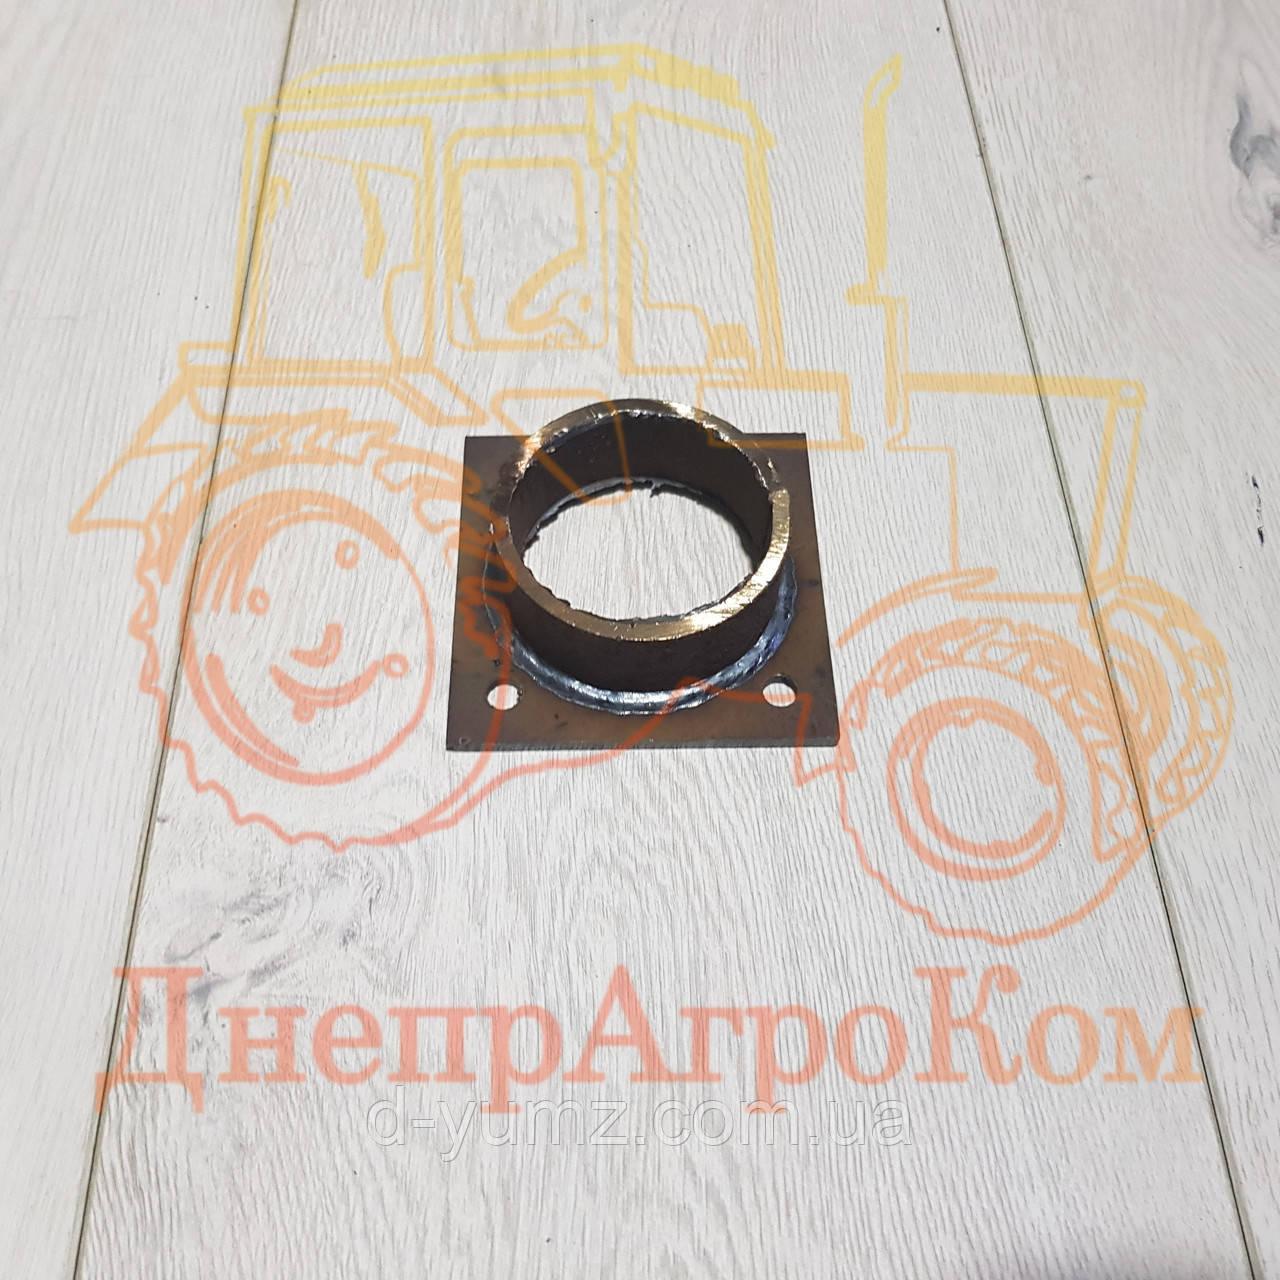 Перехідне кільце на турбіну ТКР-7 80-1205038Б / Компенсатор